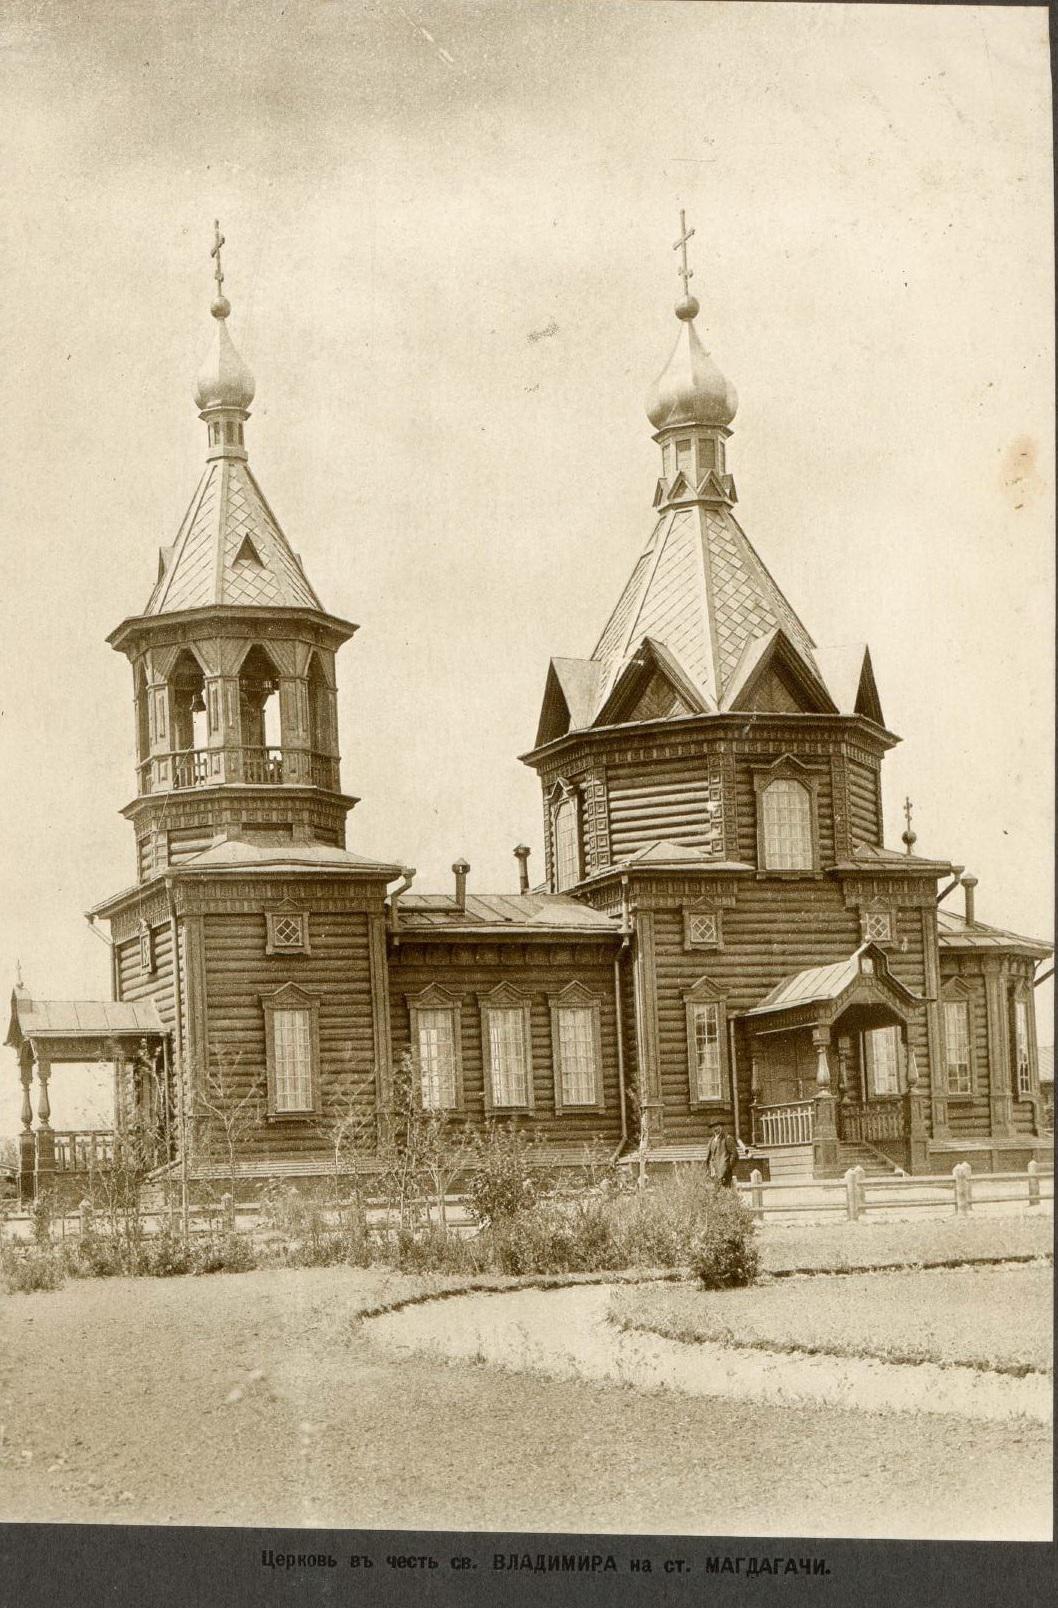 131 верста. Станция Магдагачи. Церковь в честь св. Владимира